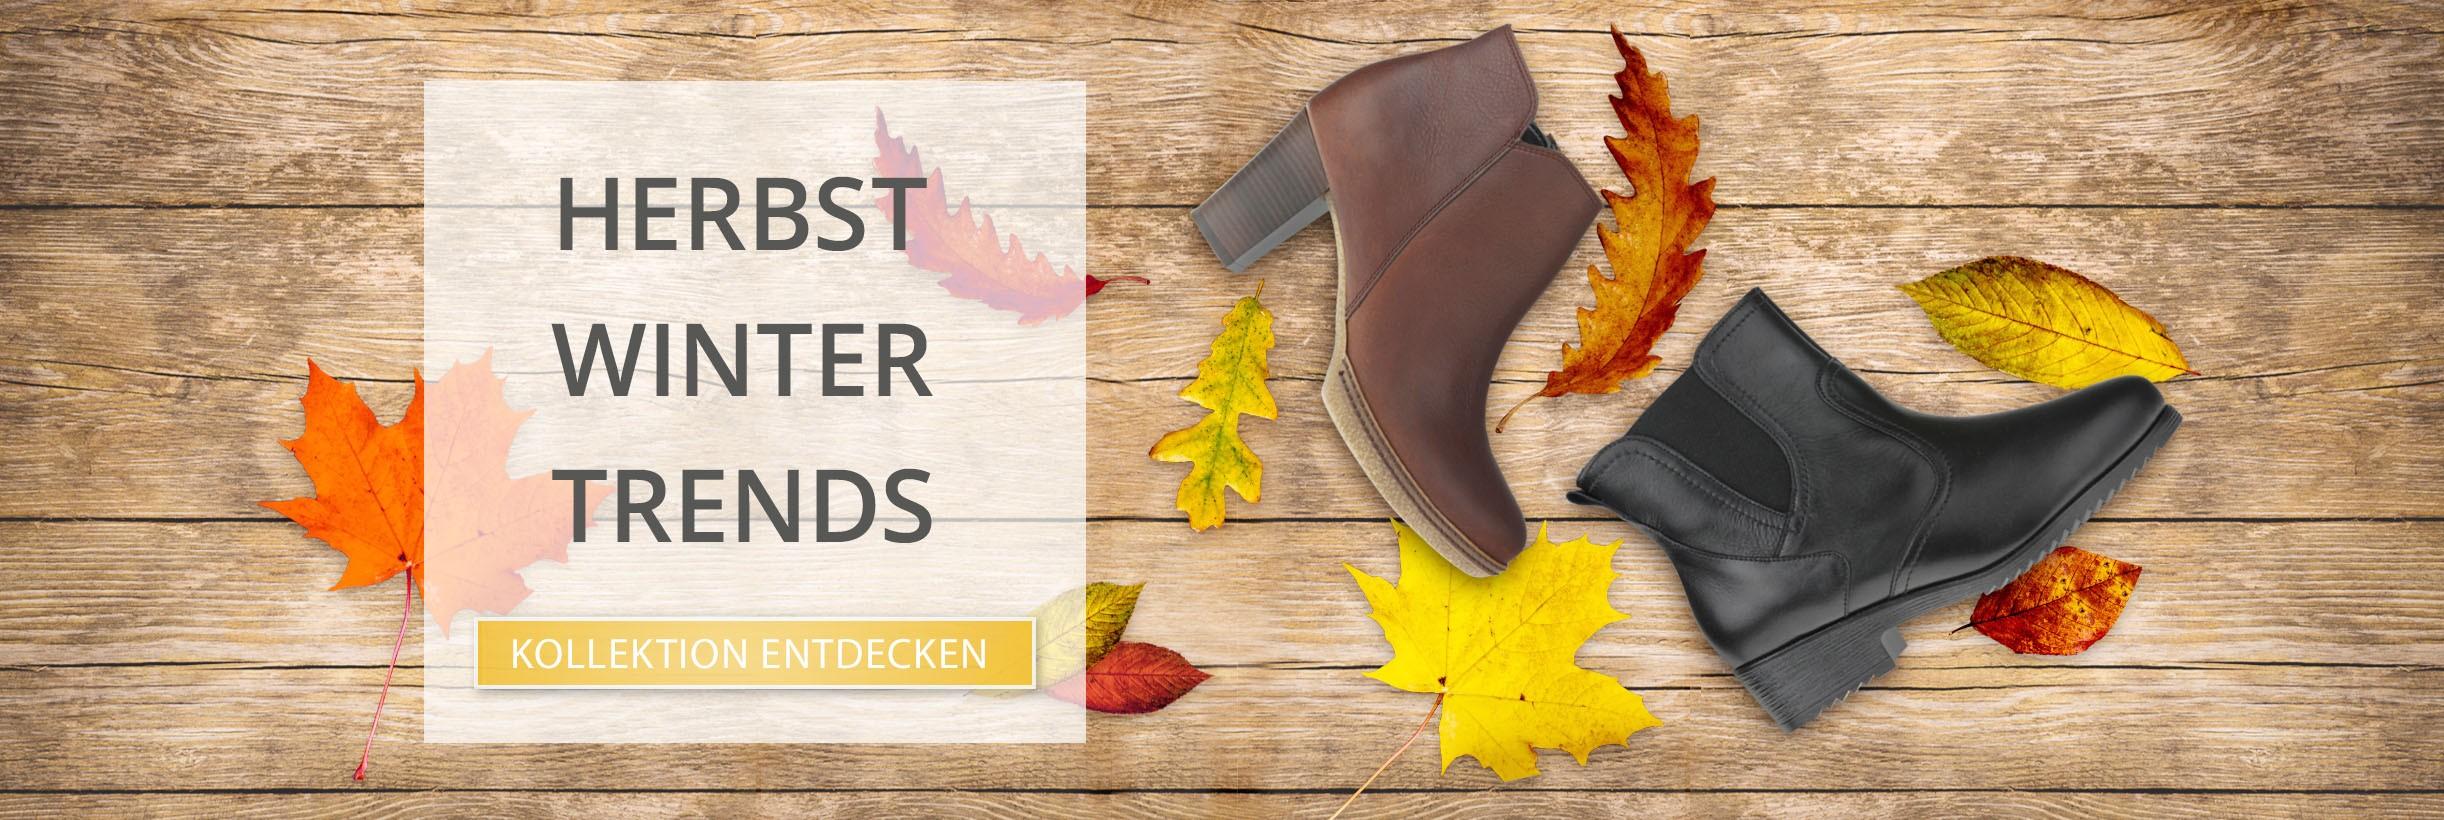 Modische Schuhe, Orthopädische Einlagen und Wanderschuhe in